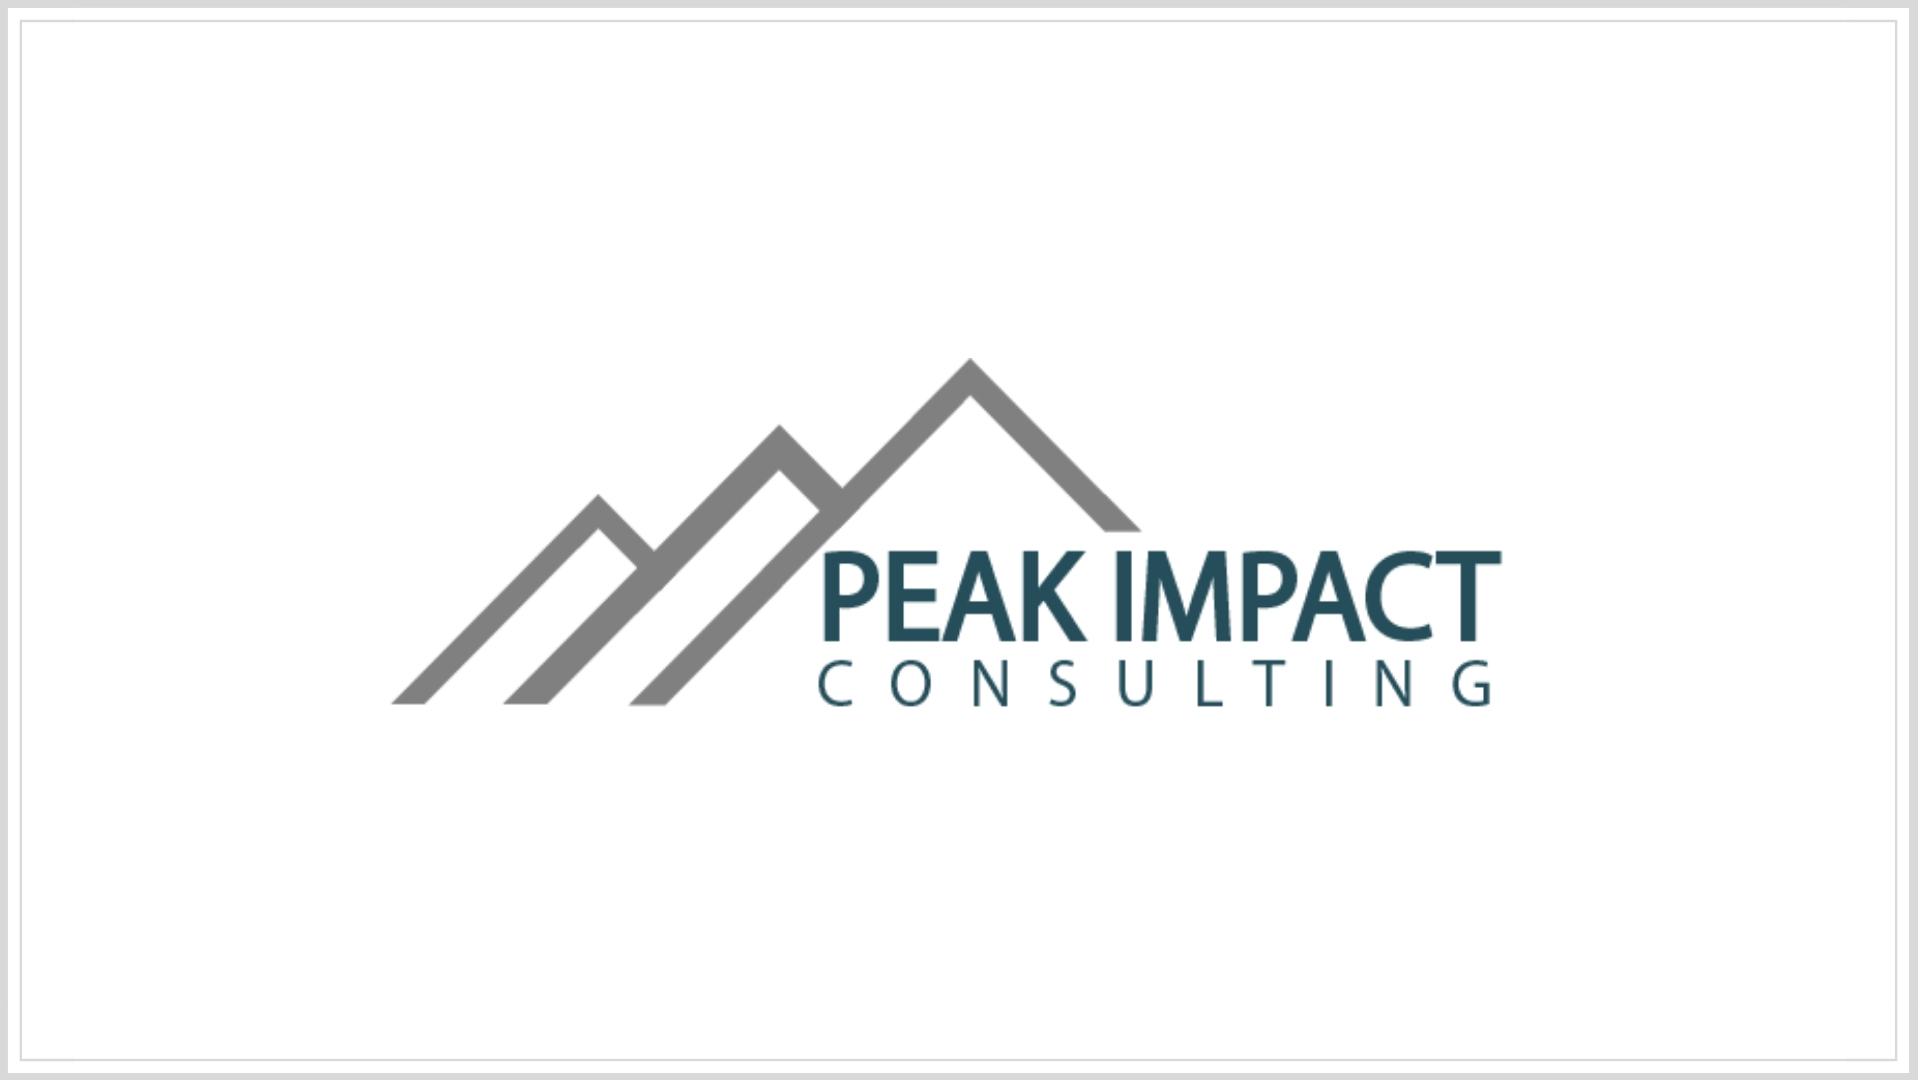 Peak Impact Consulting logo